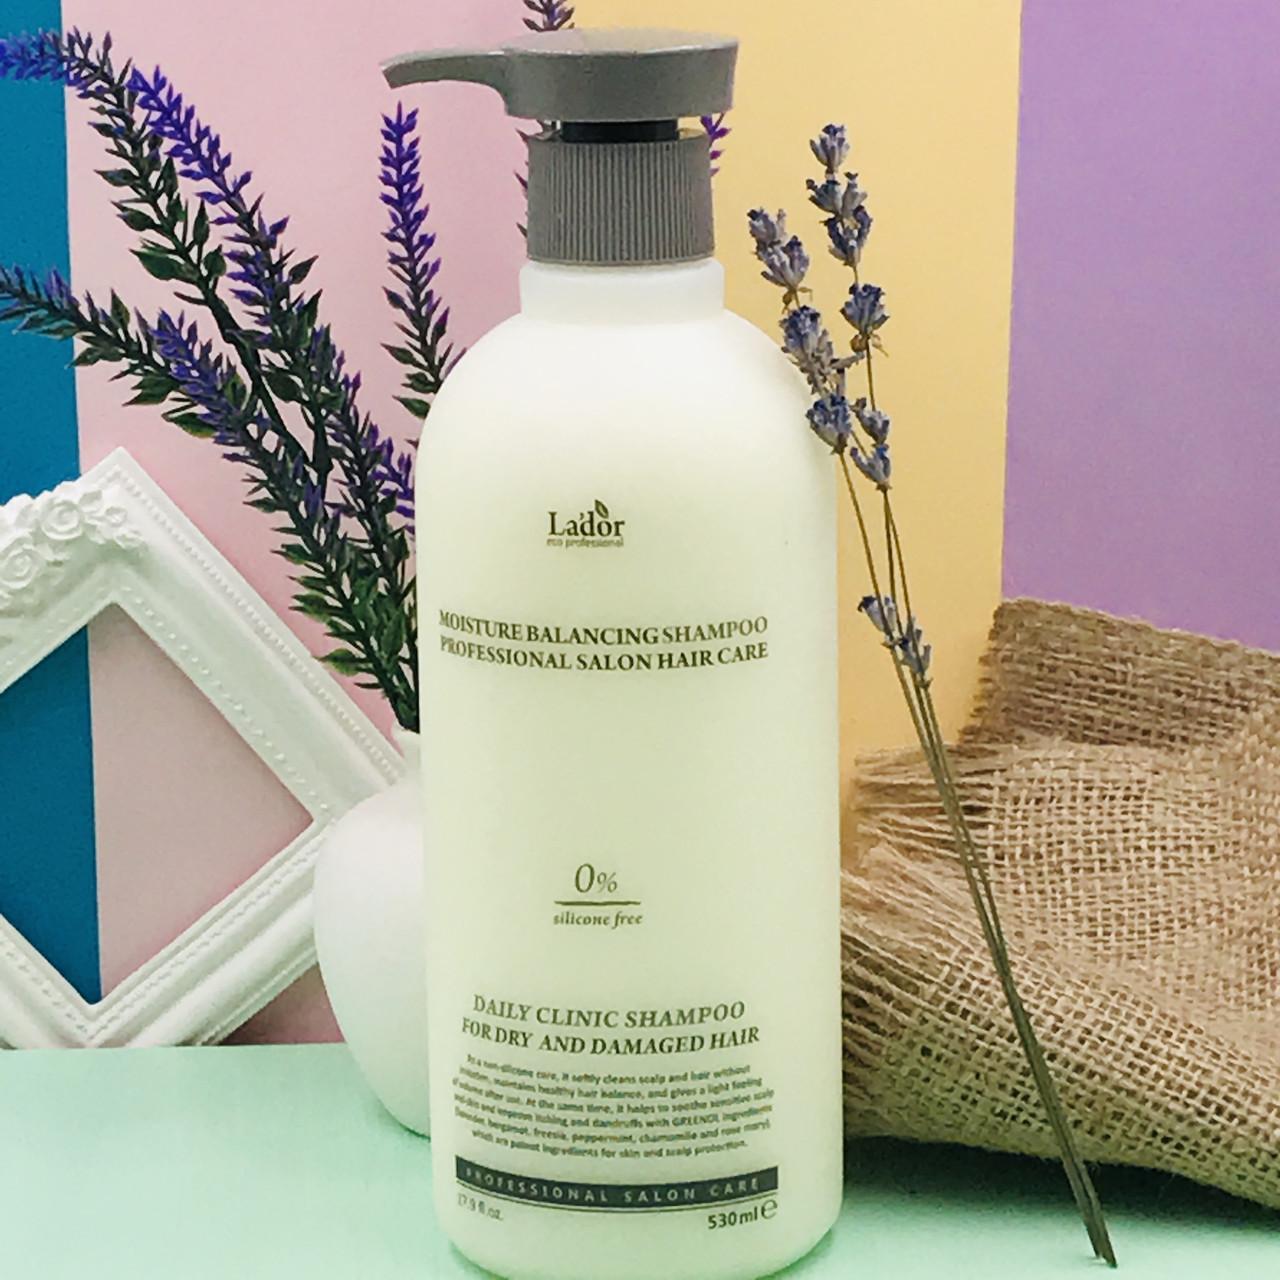 Увлажняющий шампунь Lador для сухих и поврежденных волос Moisture Balancing Shampoo 530ml